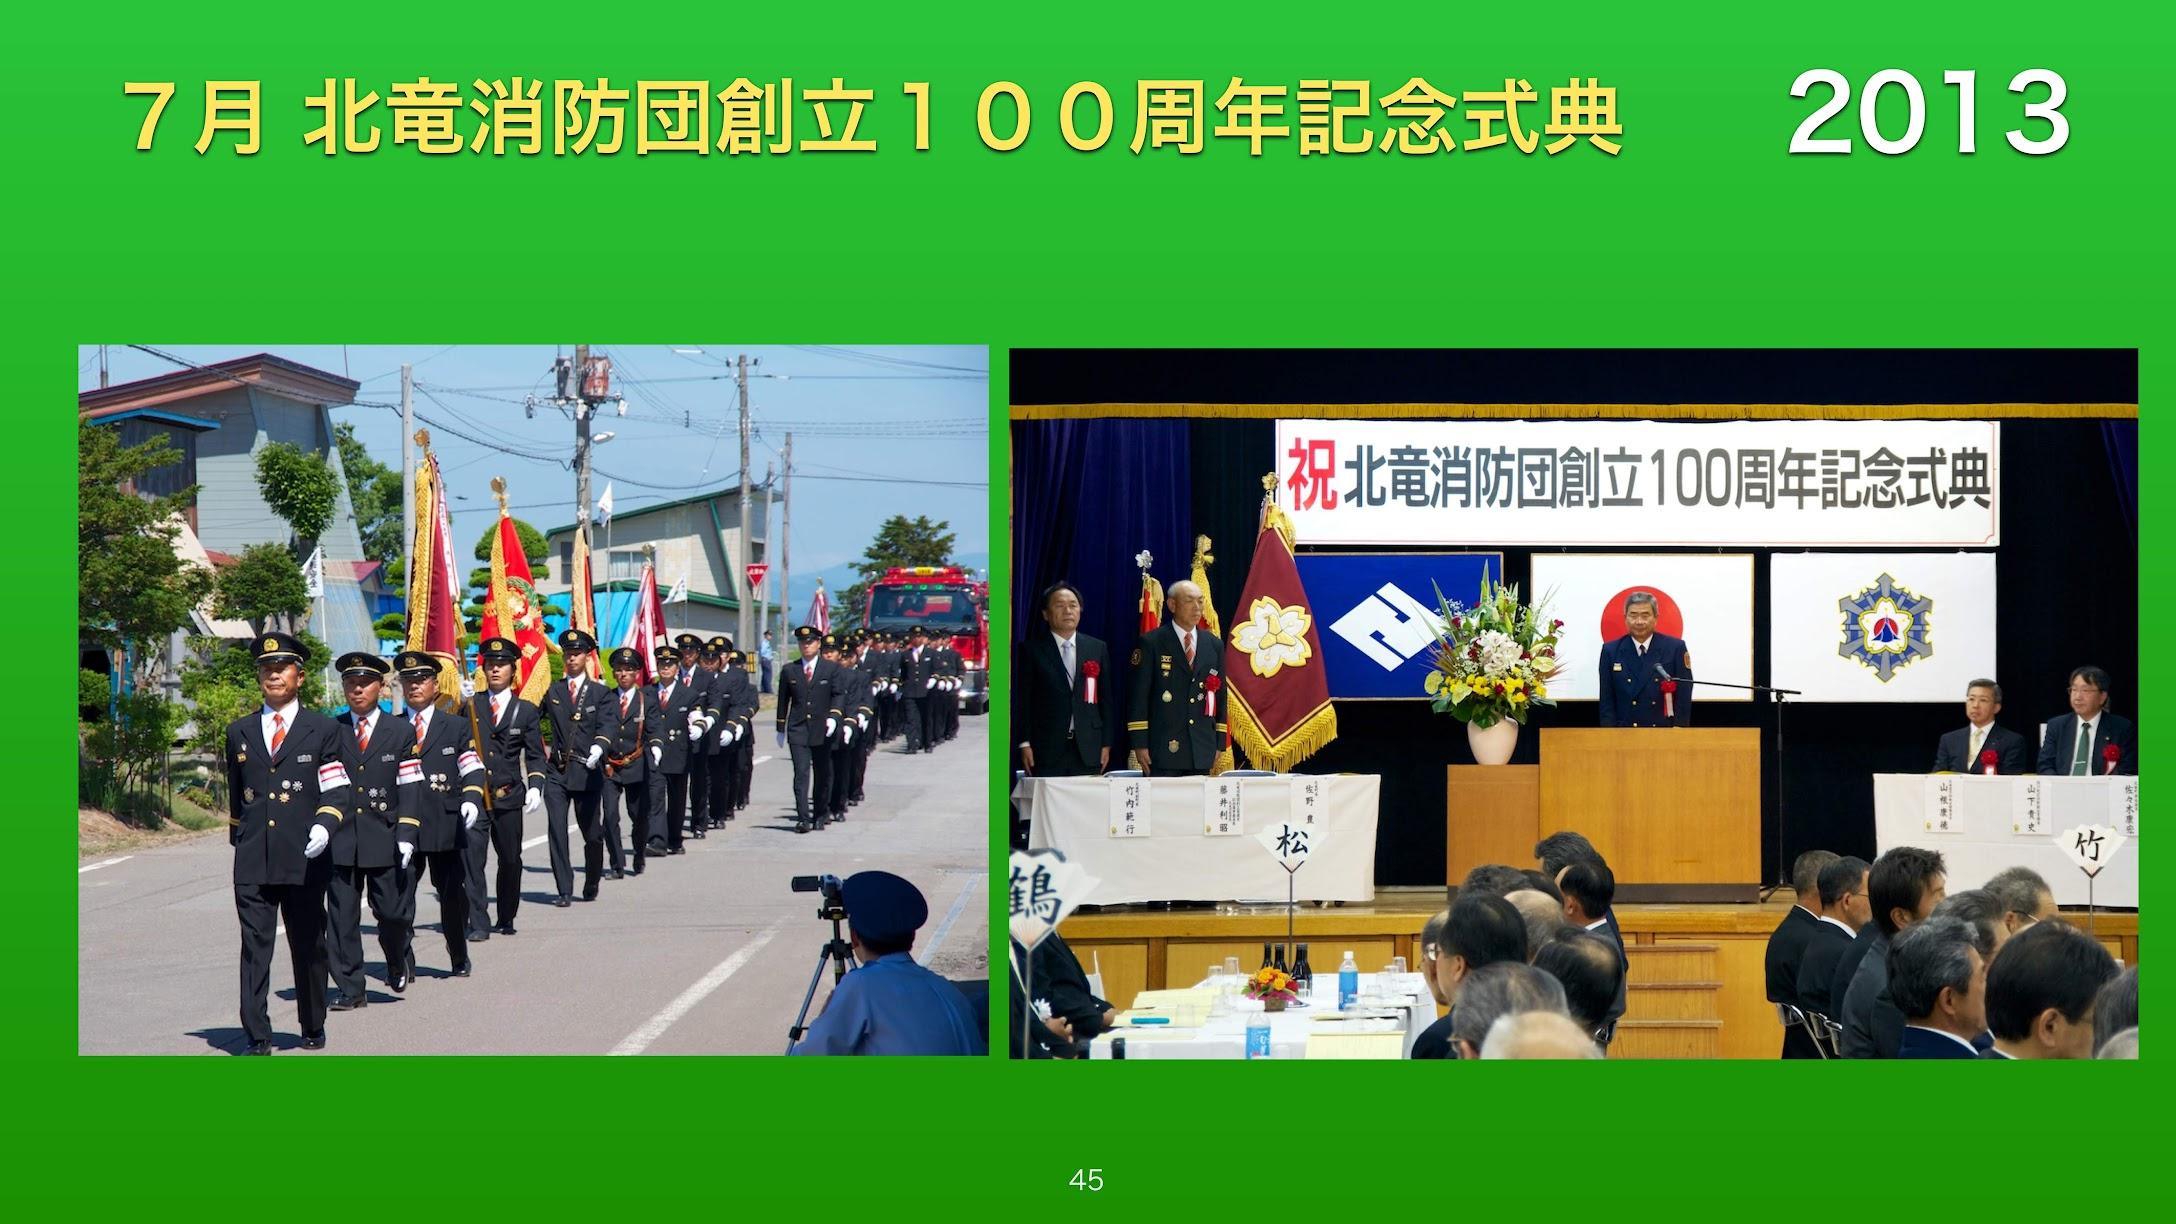 7月:北竜消防団創立100周年記念式典